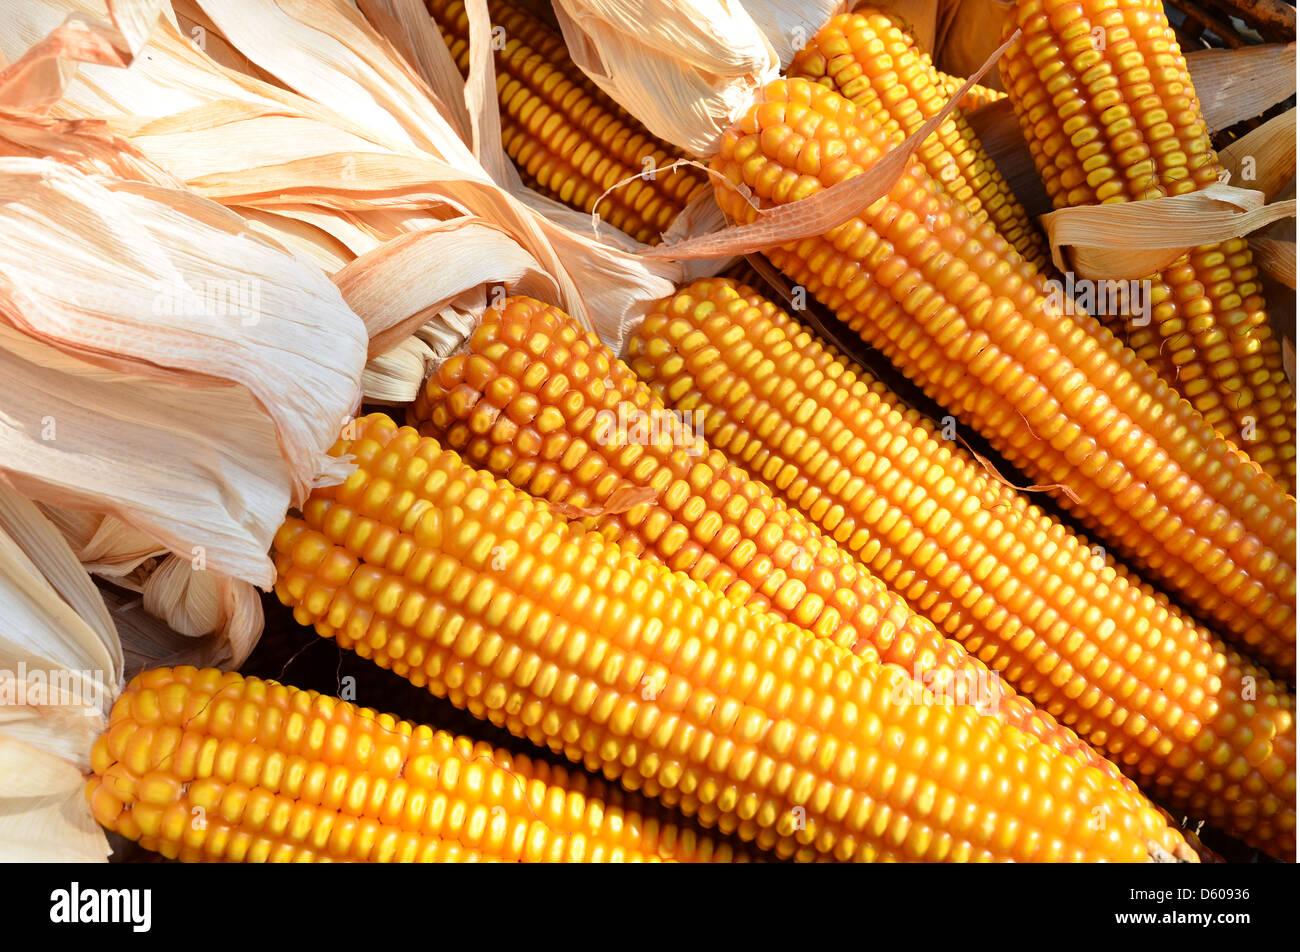 Dettaglio di mais, agricoltura. Immagini Stock